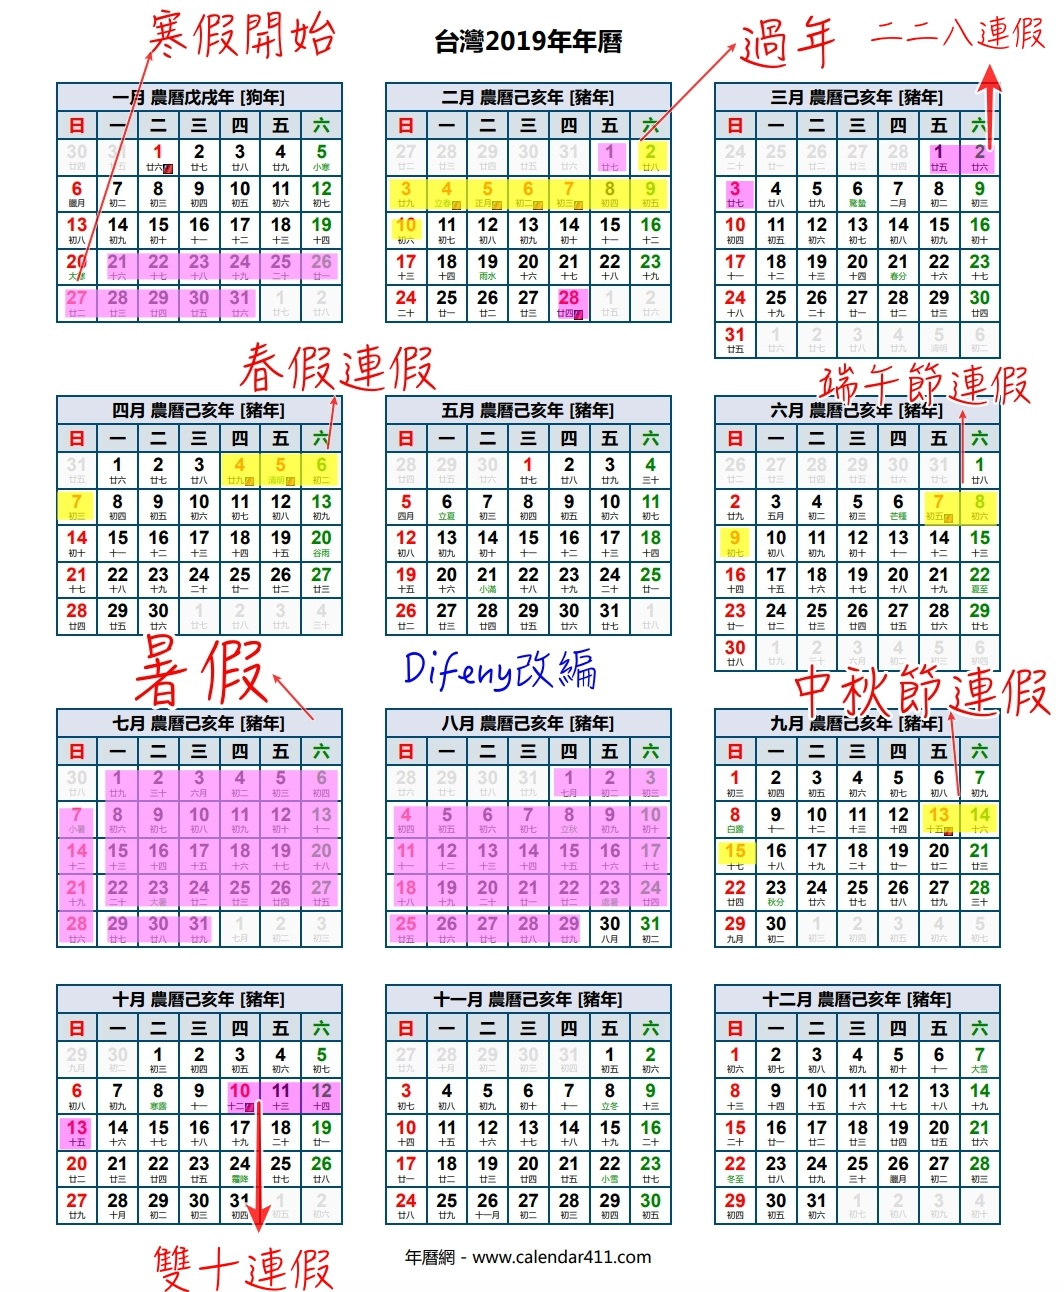 即時熱門文章:2019/108年過年假期時間,108年行事曆及預測中小學生寒暑假日期~補上日本2019假期~